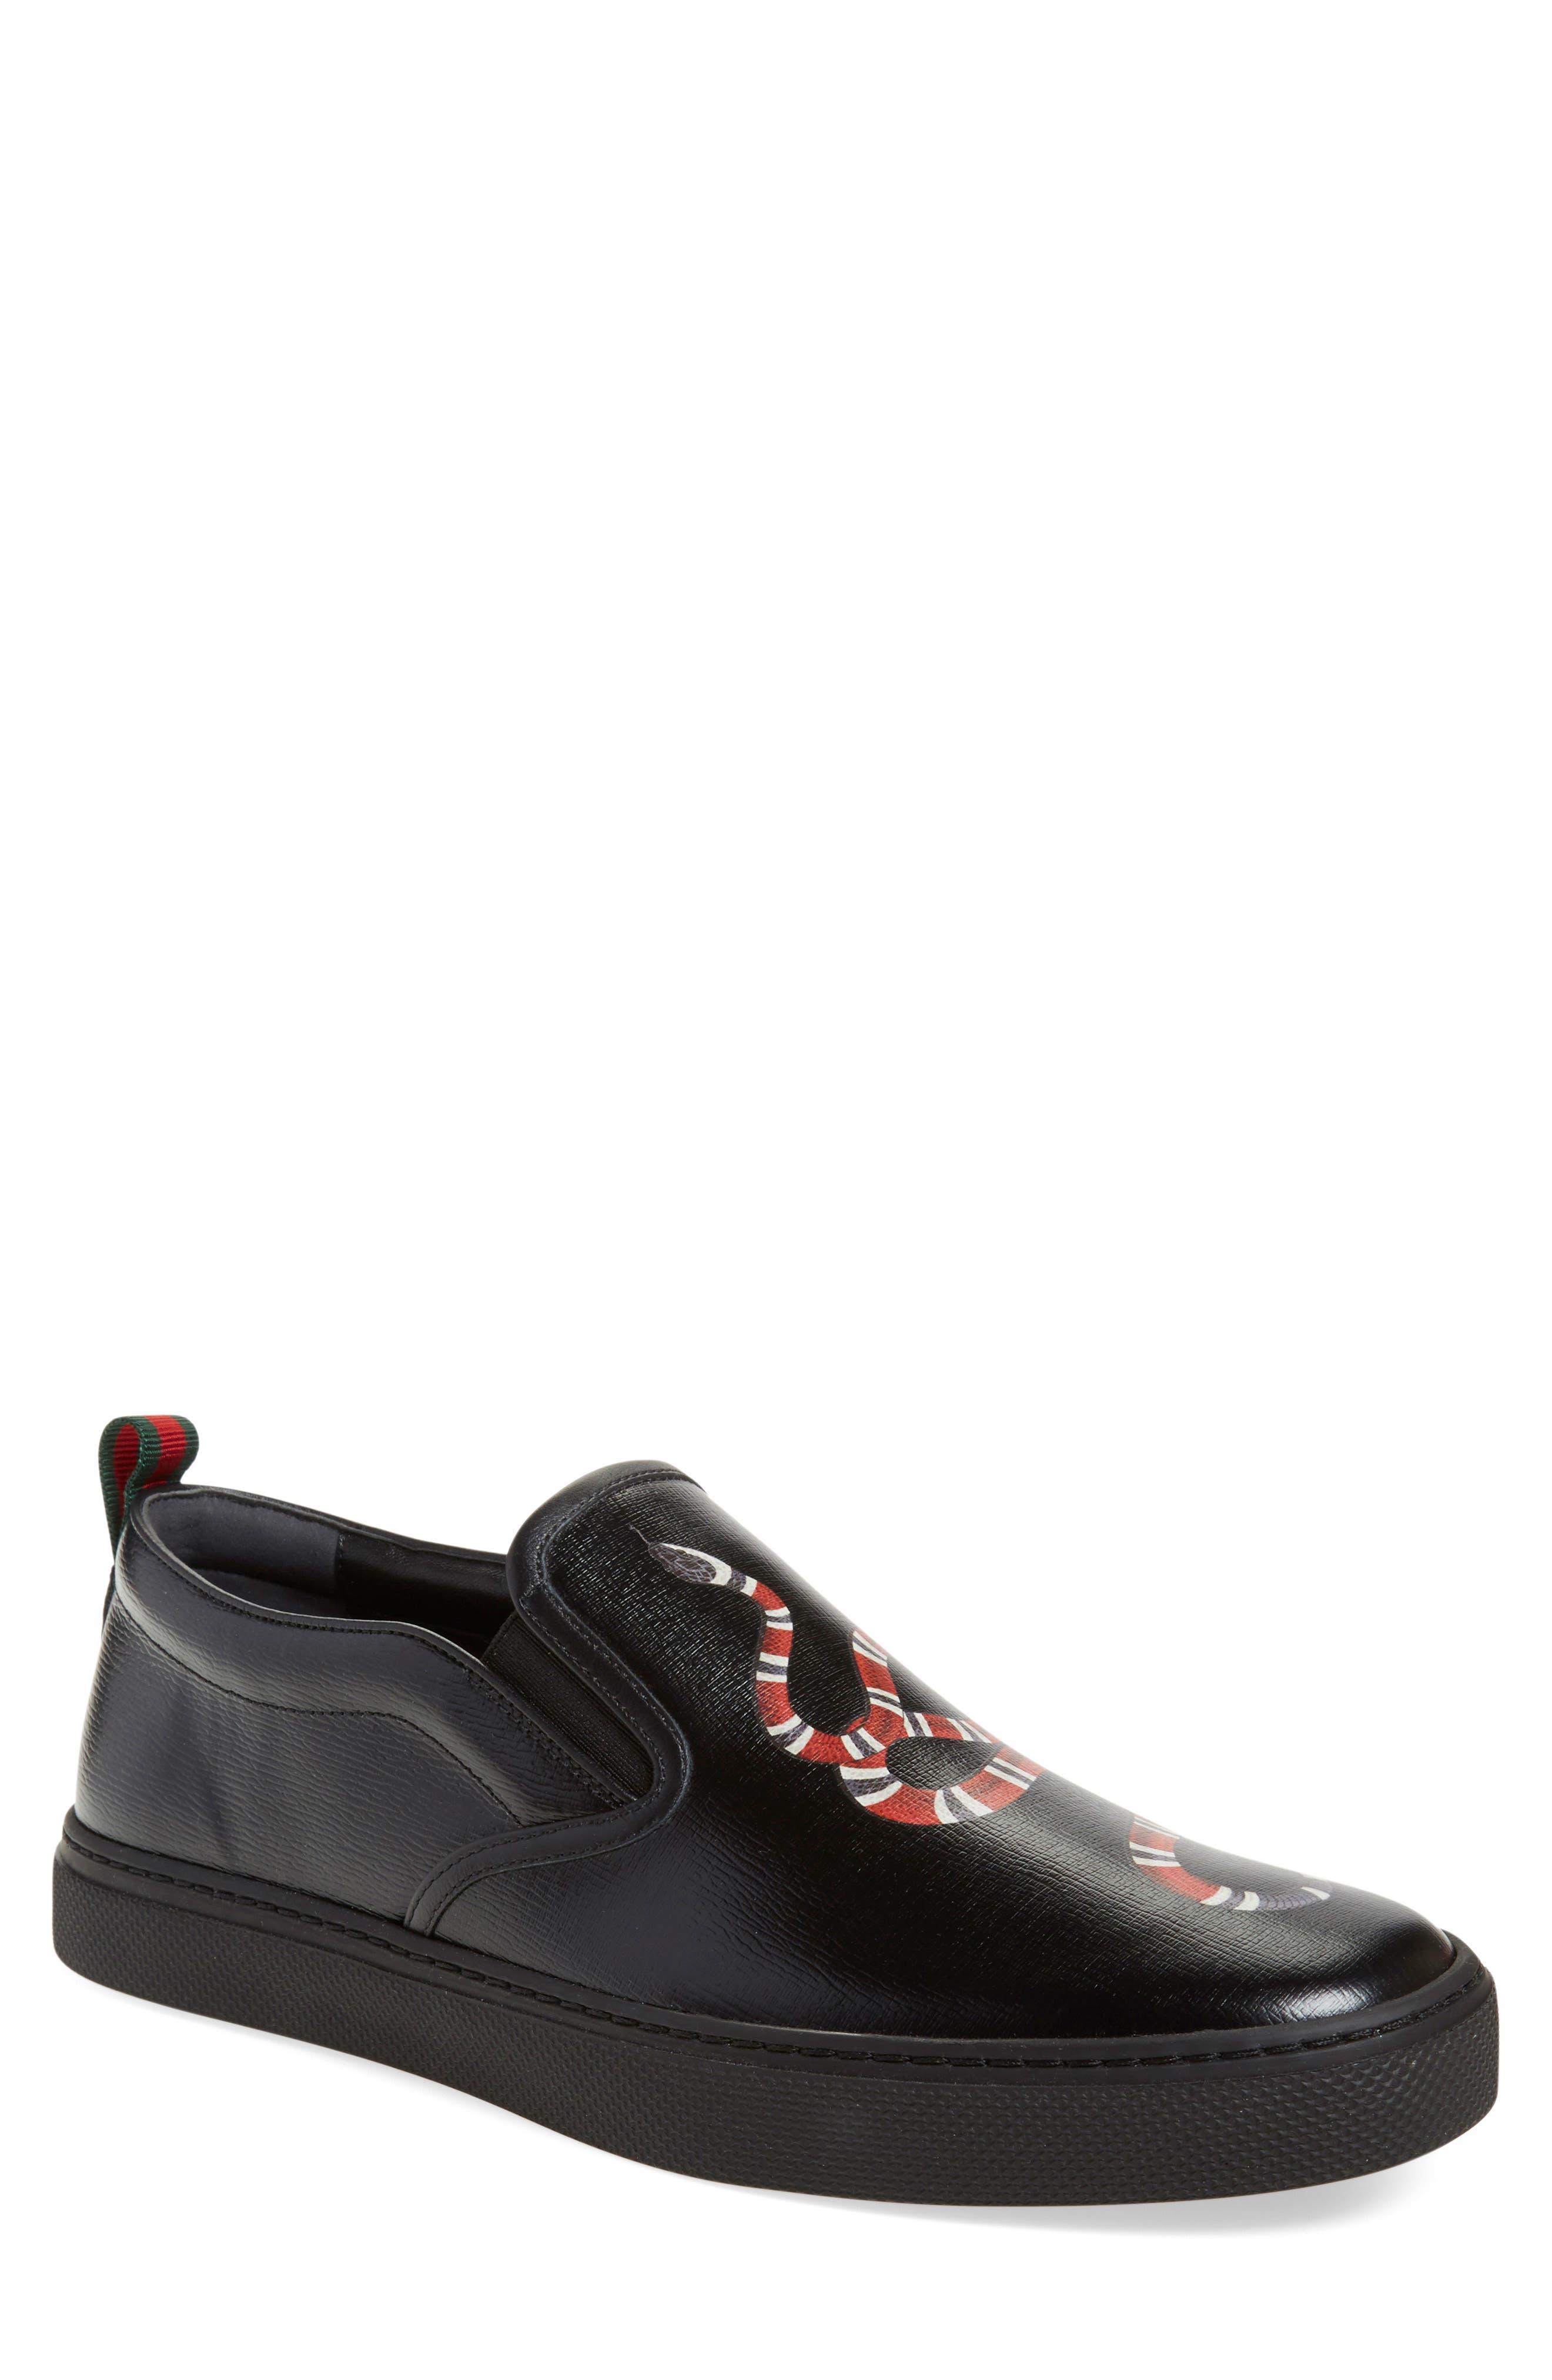 Dublin Slip-On Sneaker,                             Alternate thumbnail 17, color,